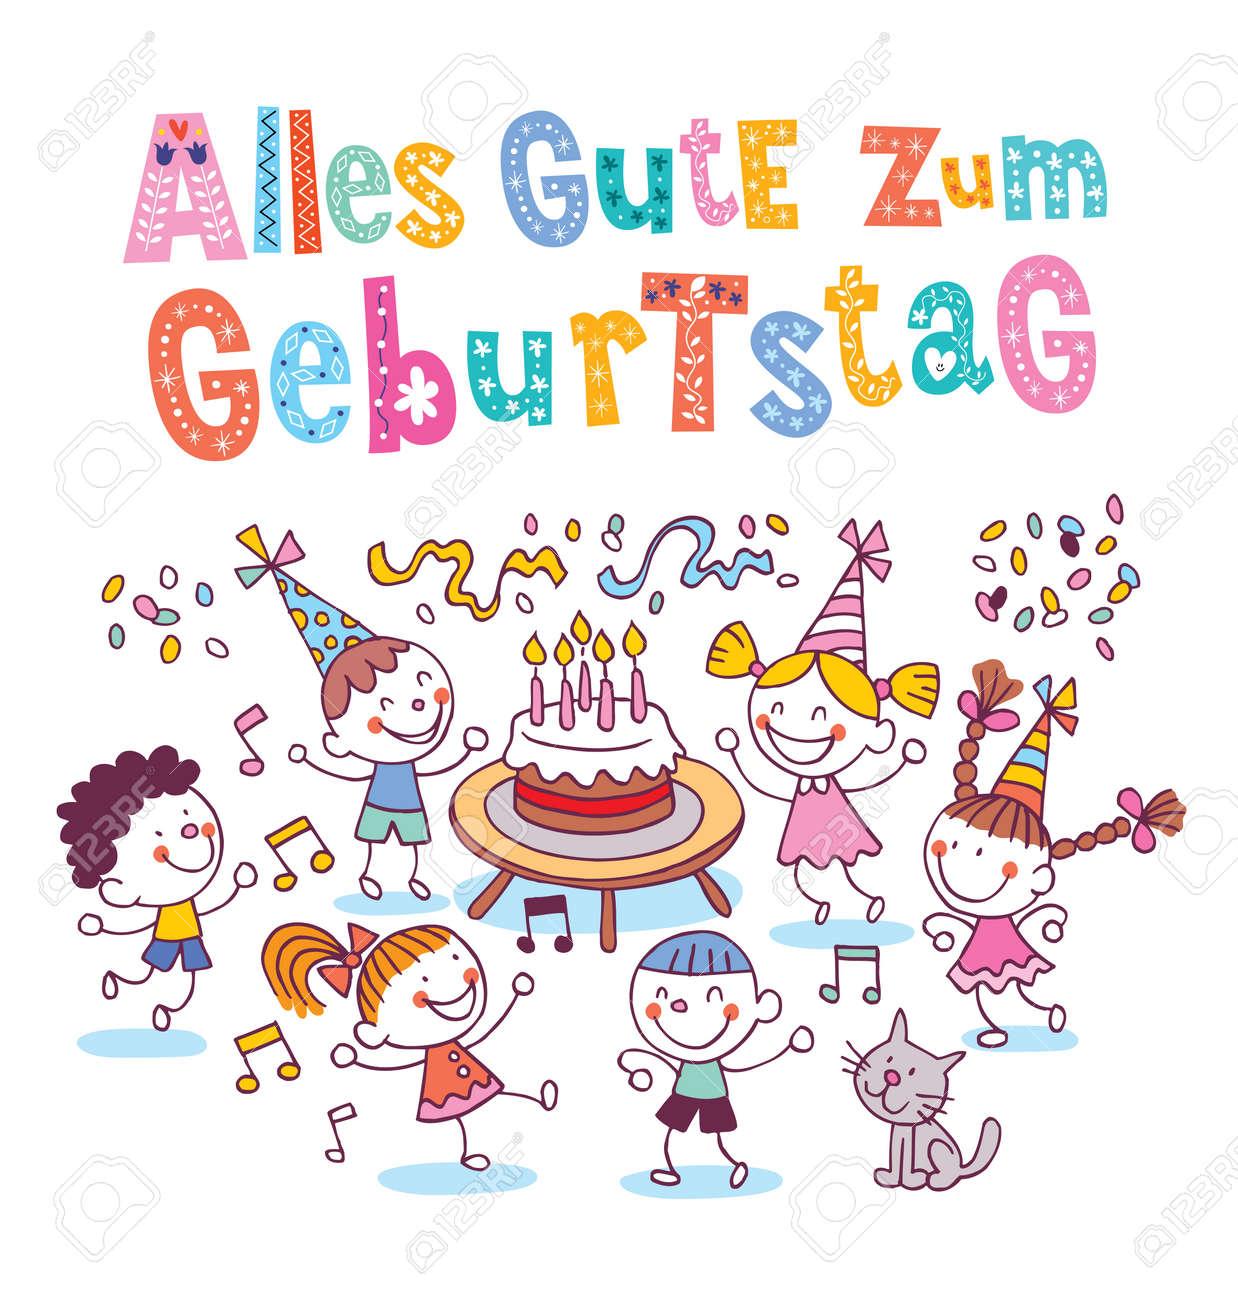 Alles Gute Zum Geburtstag Deutsch Deutsch Alles Gute Zum Geburtstag